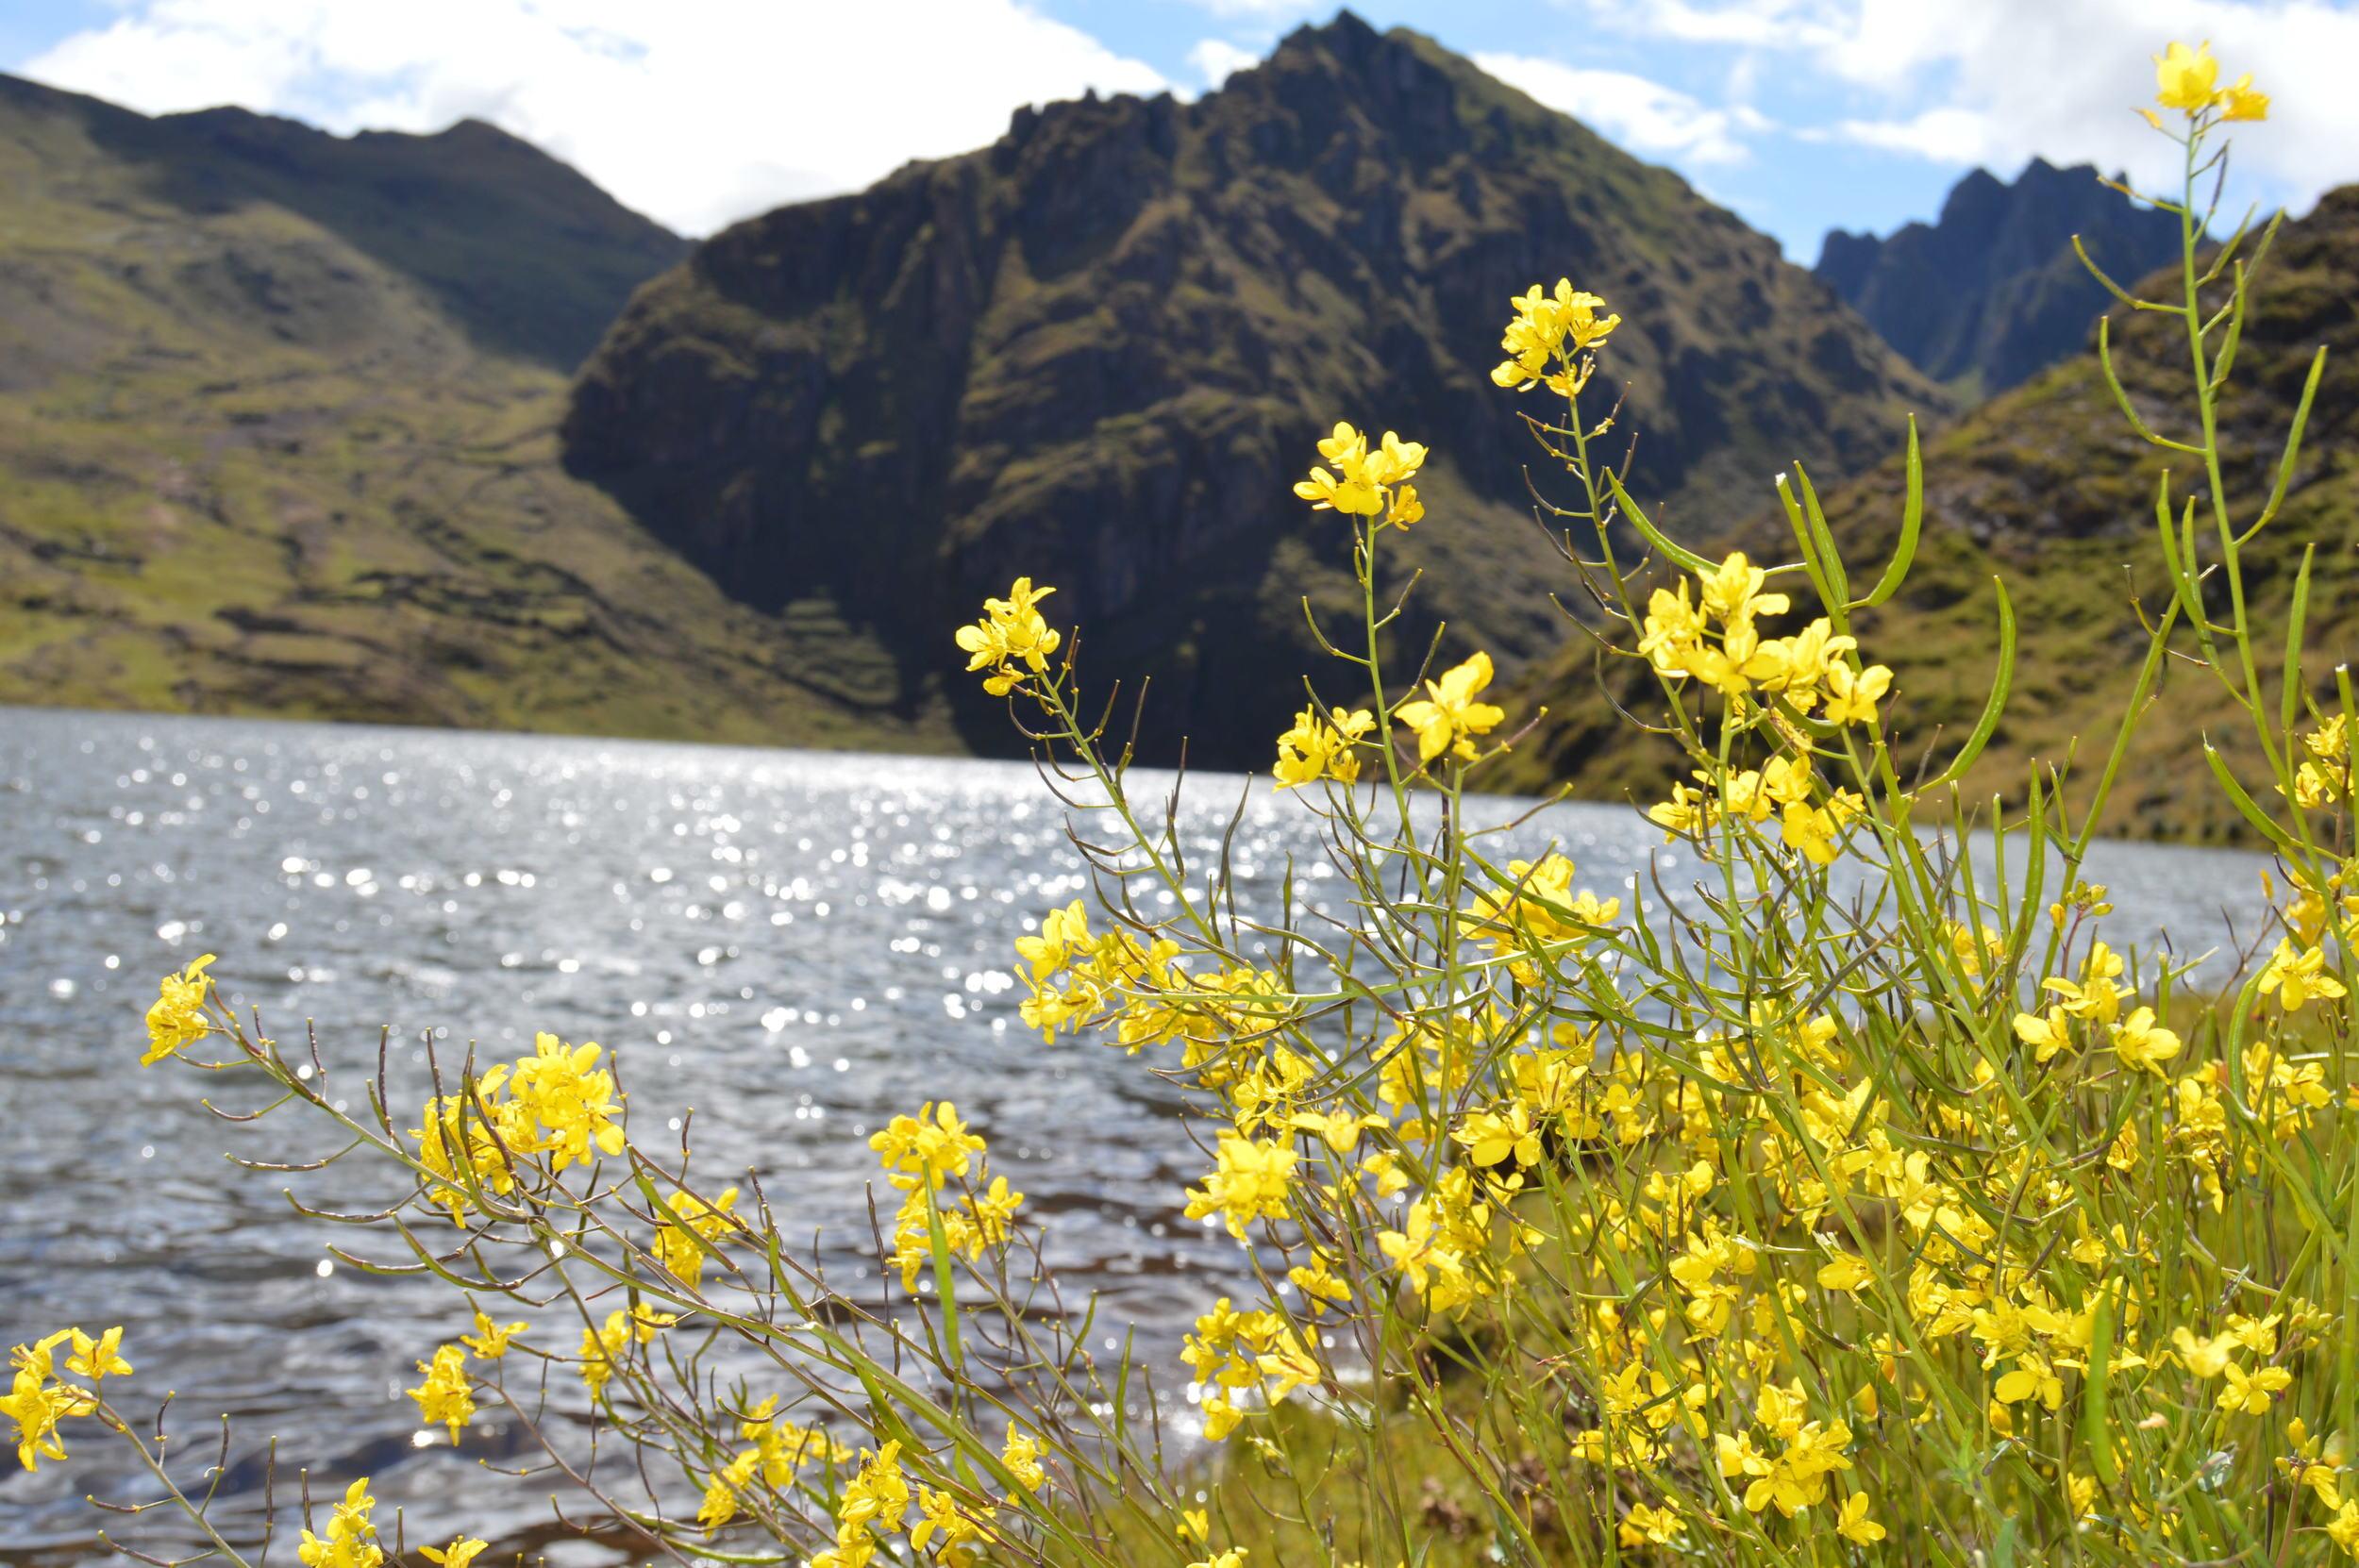 Spring landscapes of Paru Paru Community near Cusco, Peru